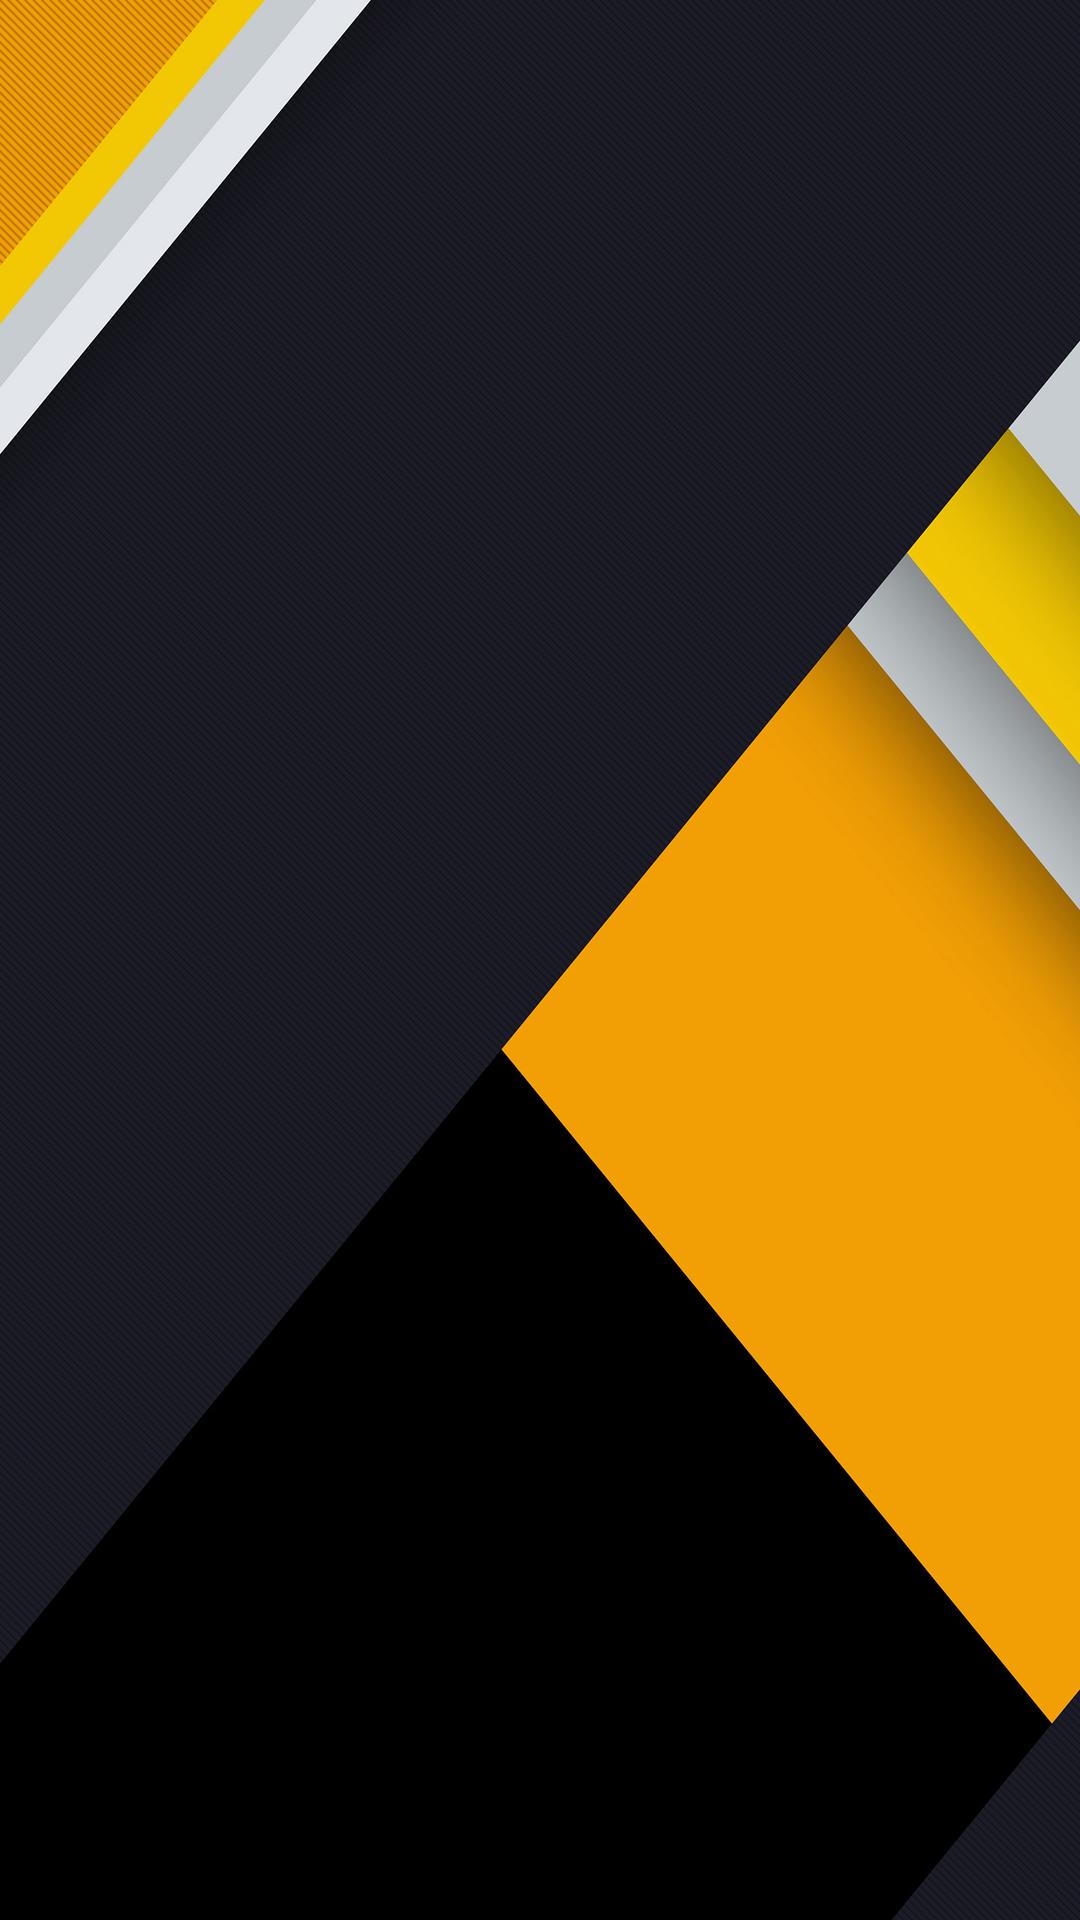 Yellow Material Design